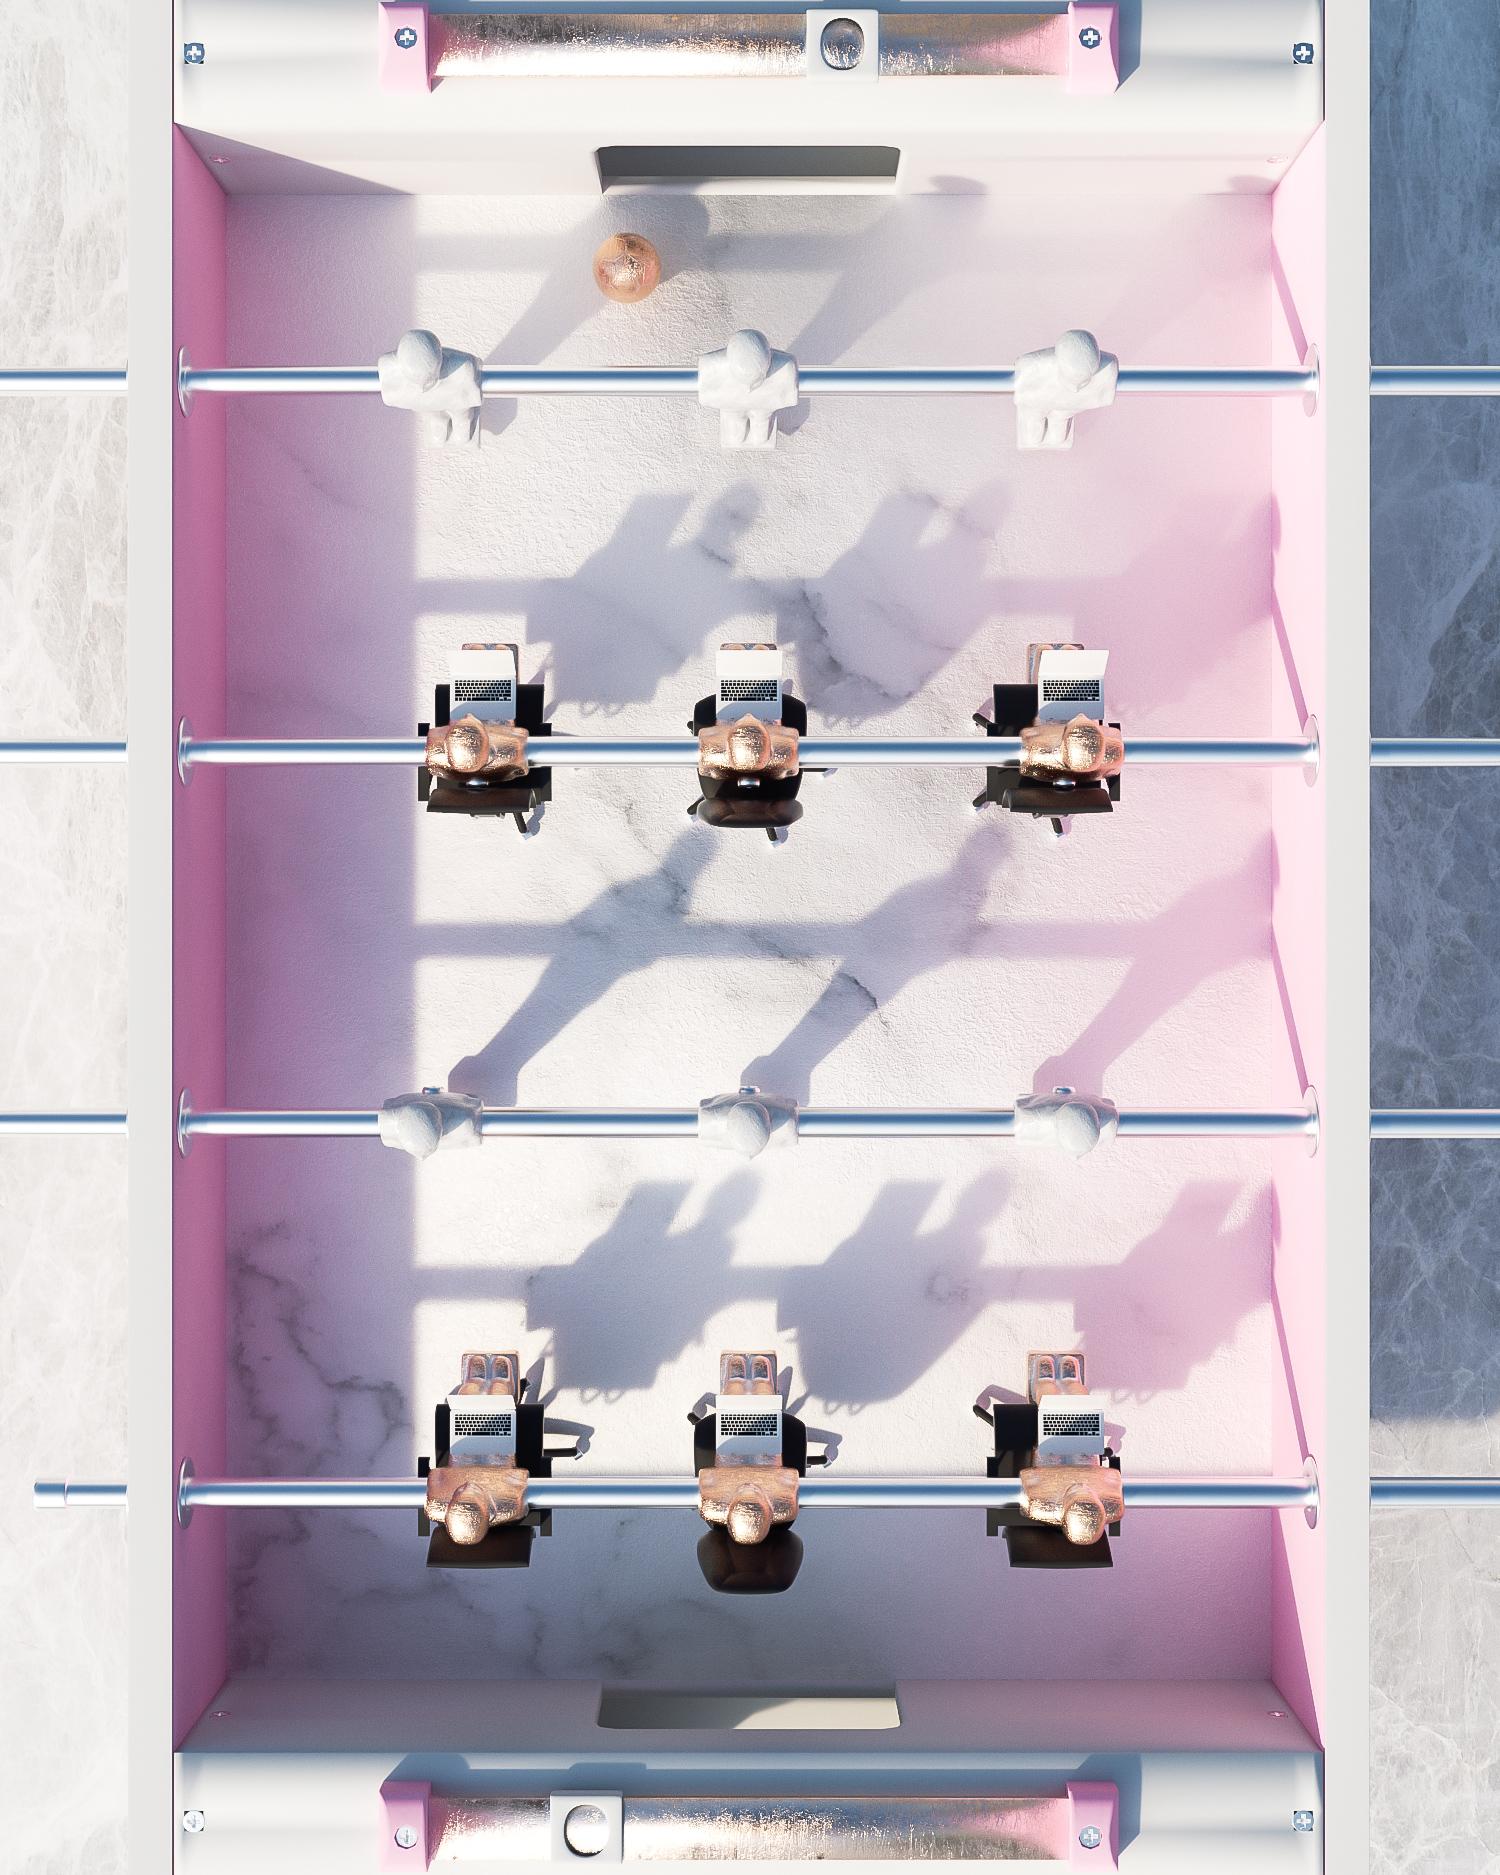 TableFootball-Stills-05.jpg